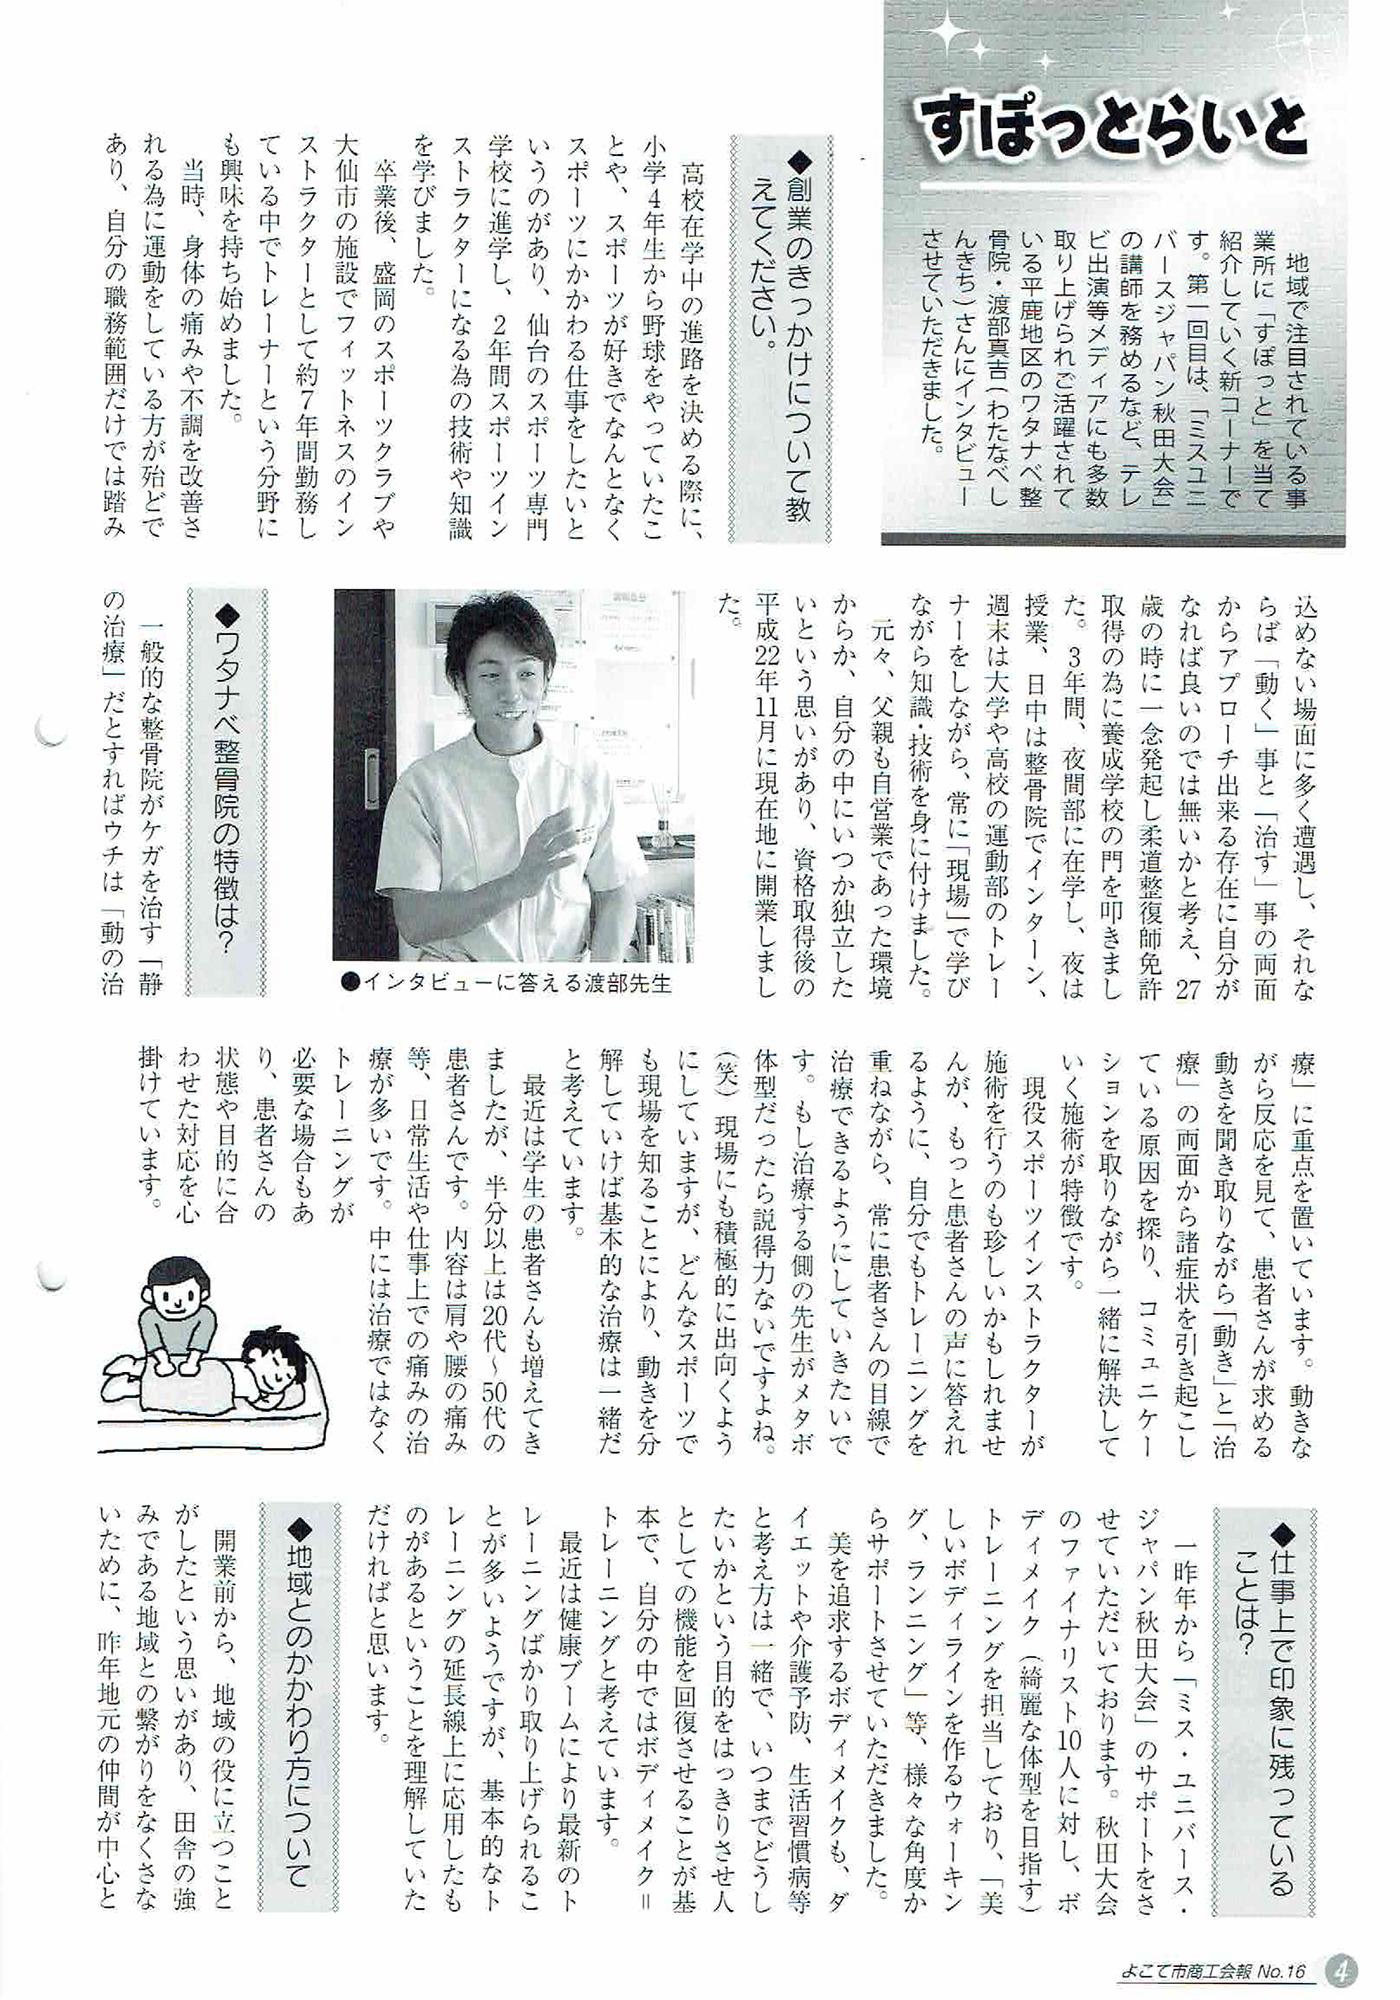 よこて市商工広報 No.16 2013年6月